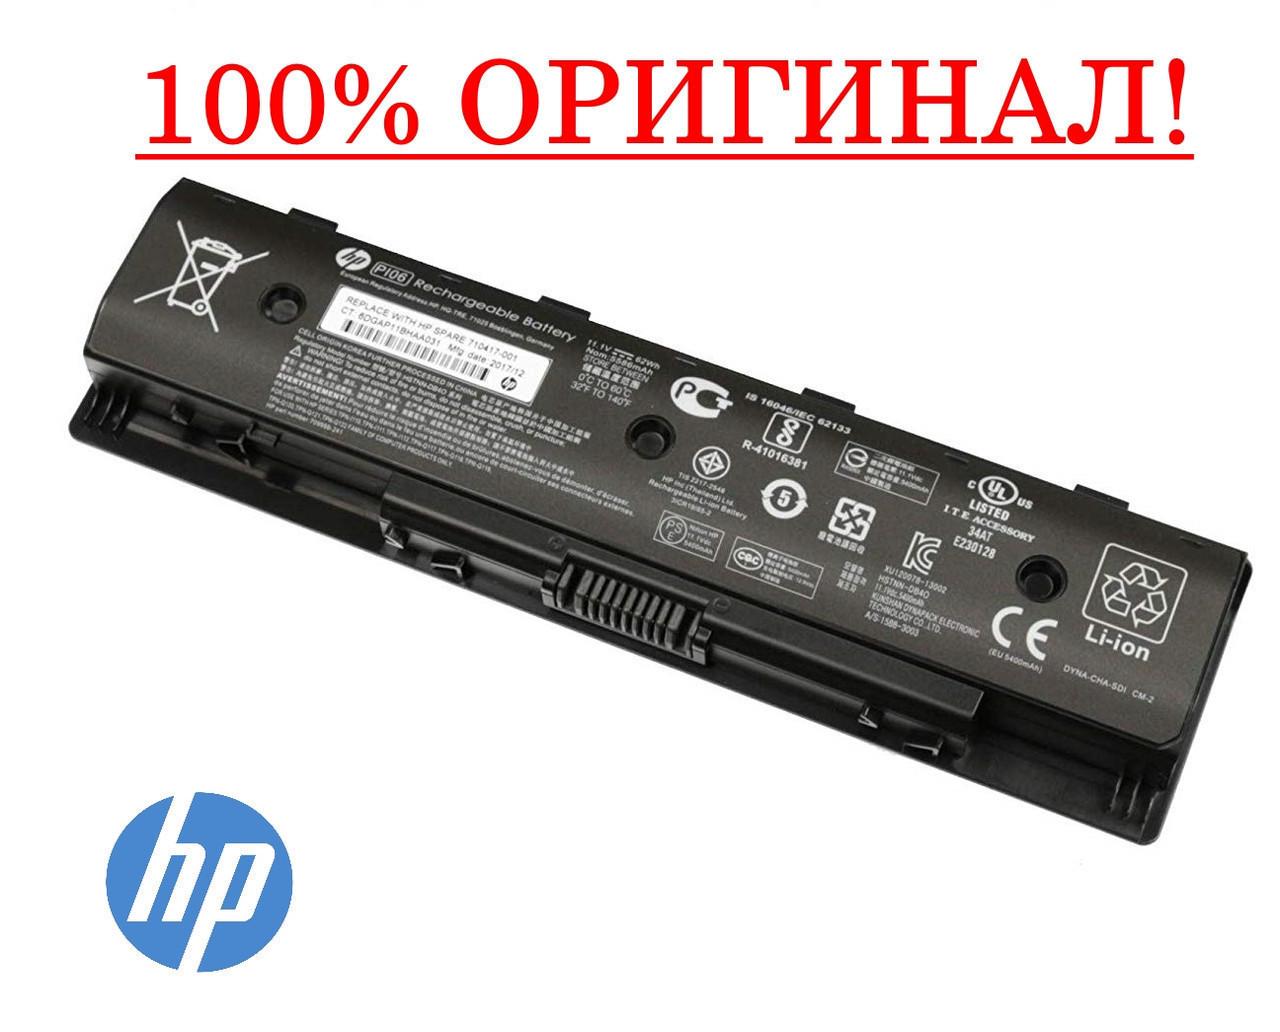 Оригинальная батарея HP Envy 14, 14t, 14z series  - PI06 (11.1V, 48Wh, 6cell) - Аккумулятор АКБ